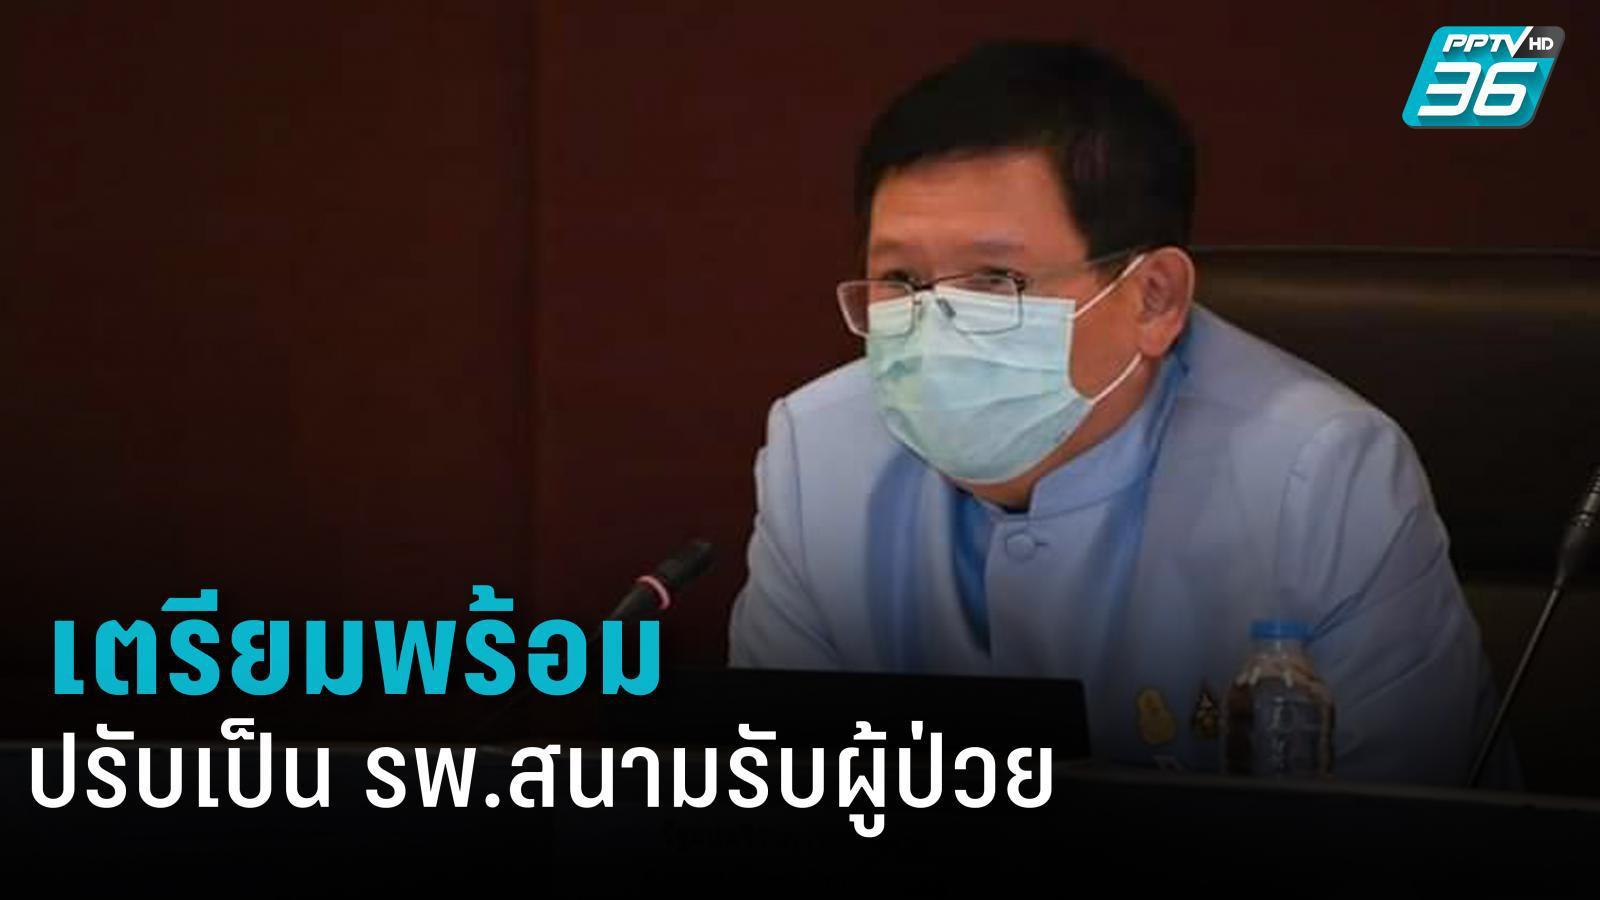 156 มหาวิทยาลัยทั่วประเทศ เตรียมพร้อม หากถูกปรับเป็นรพ.สนาม รองรับผู้ป่วย